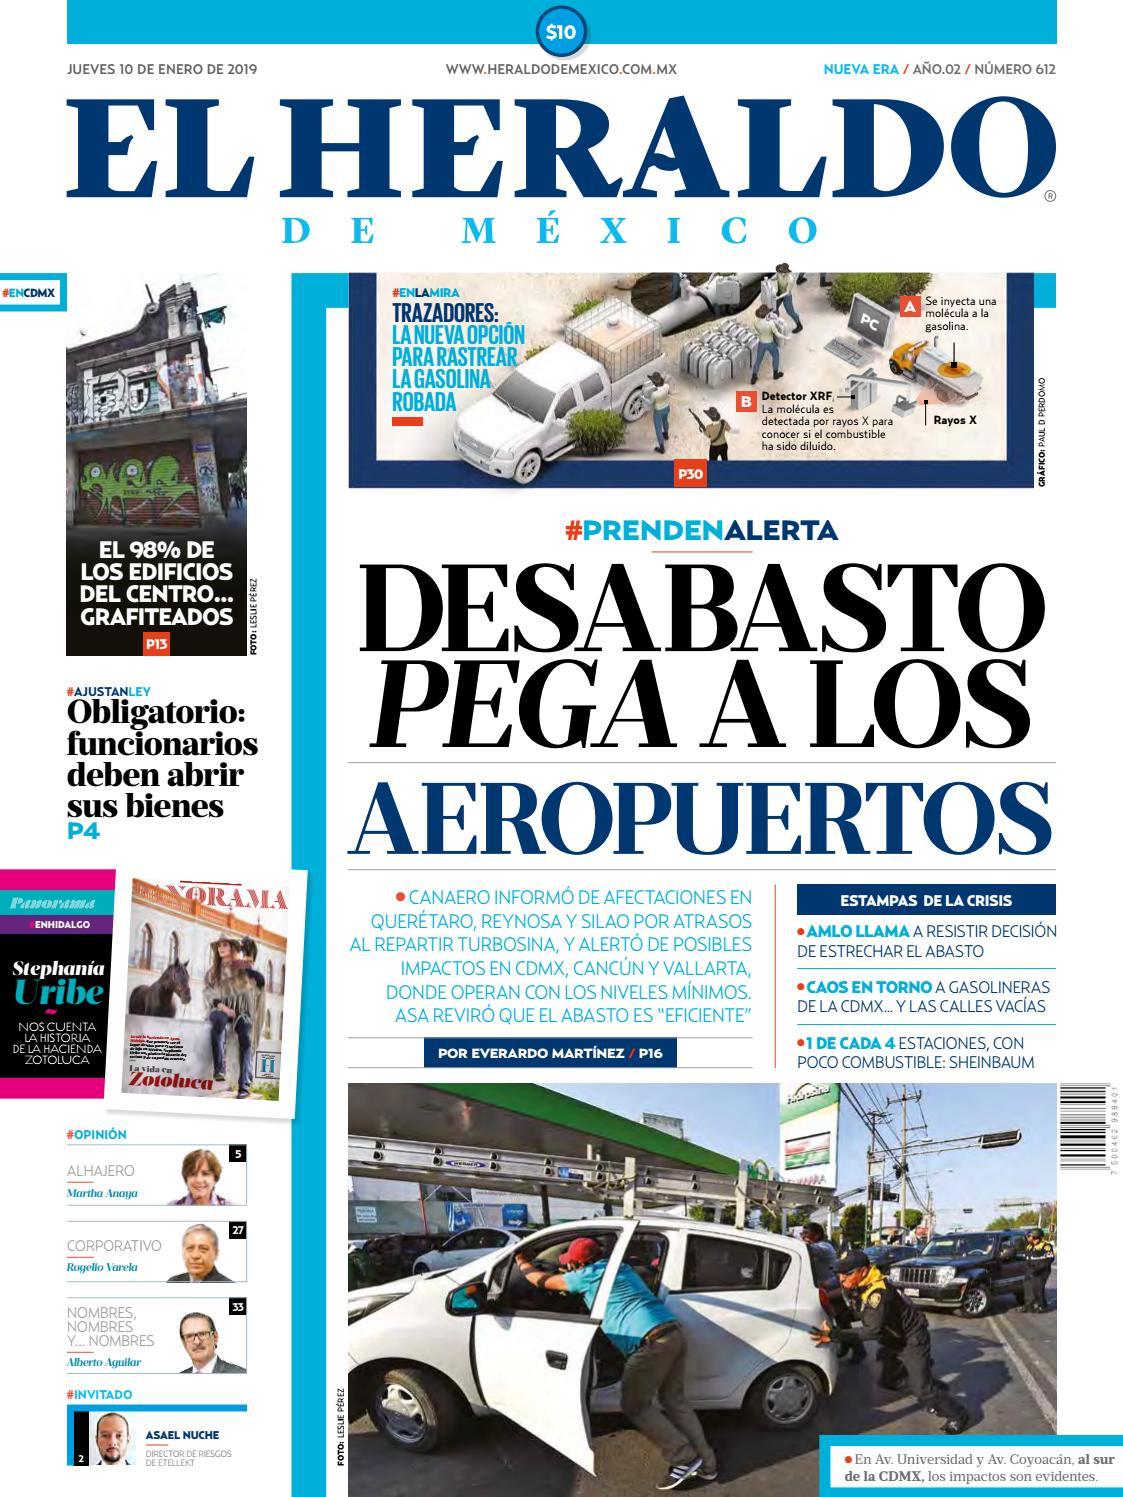 10 de enero de 2019 by El Heraldo de México - issuu a786a3a602781